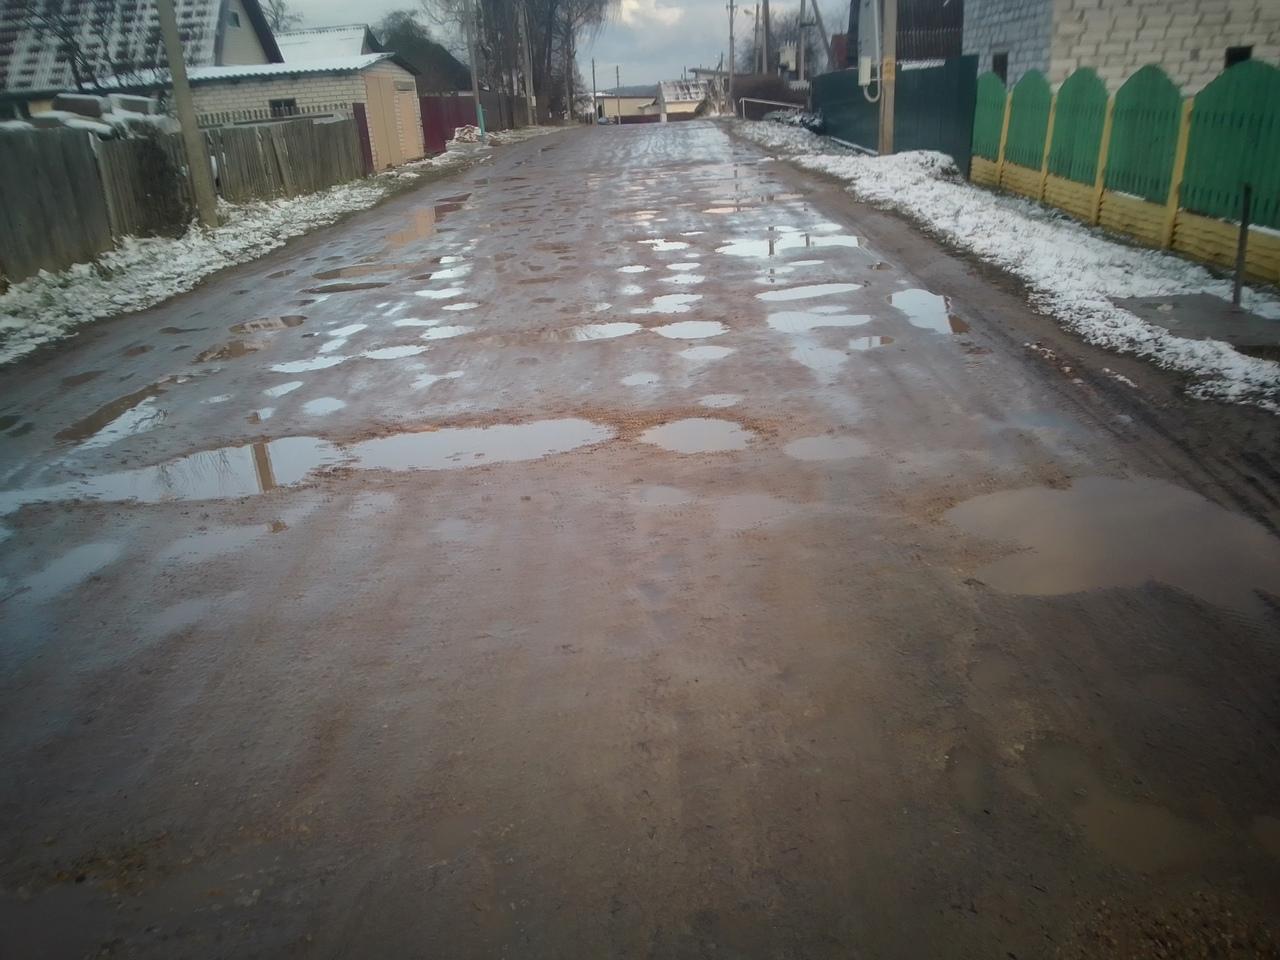 В микрорайоне Орехово (г. Витебск) очень плохая дорога.